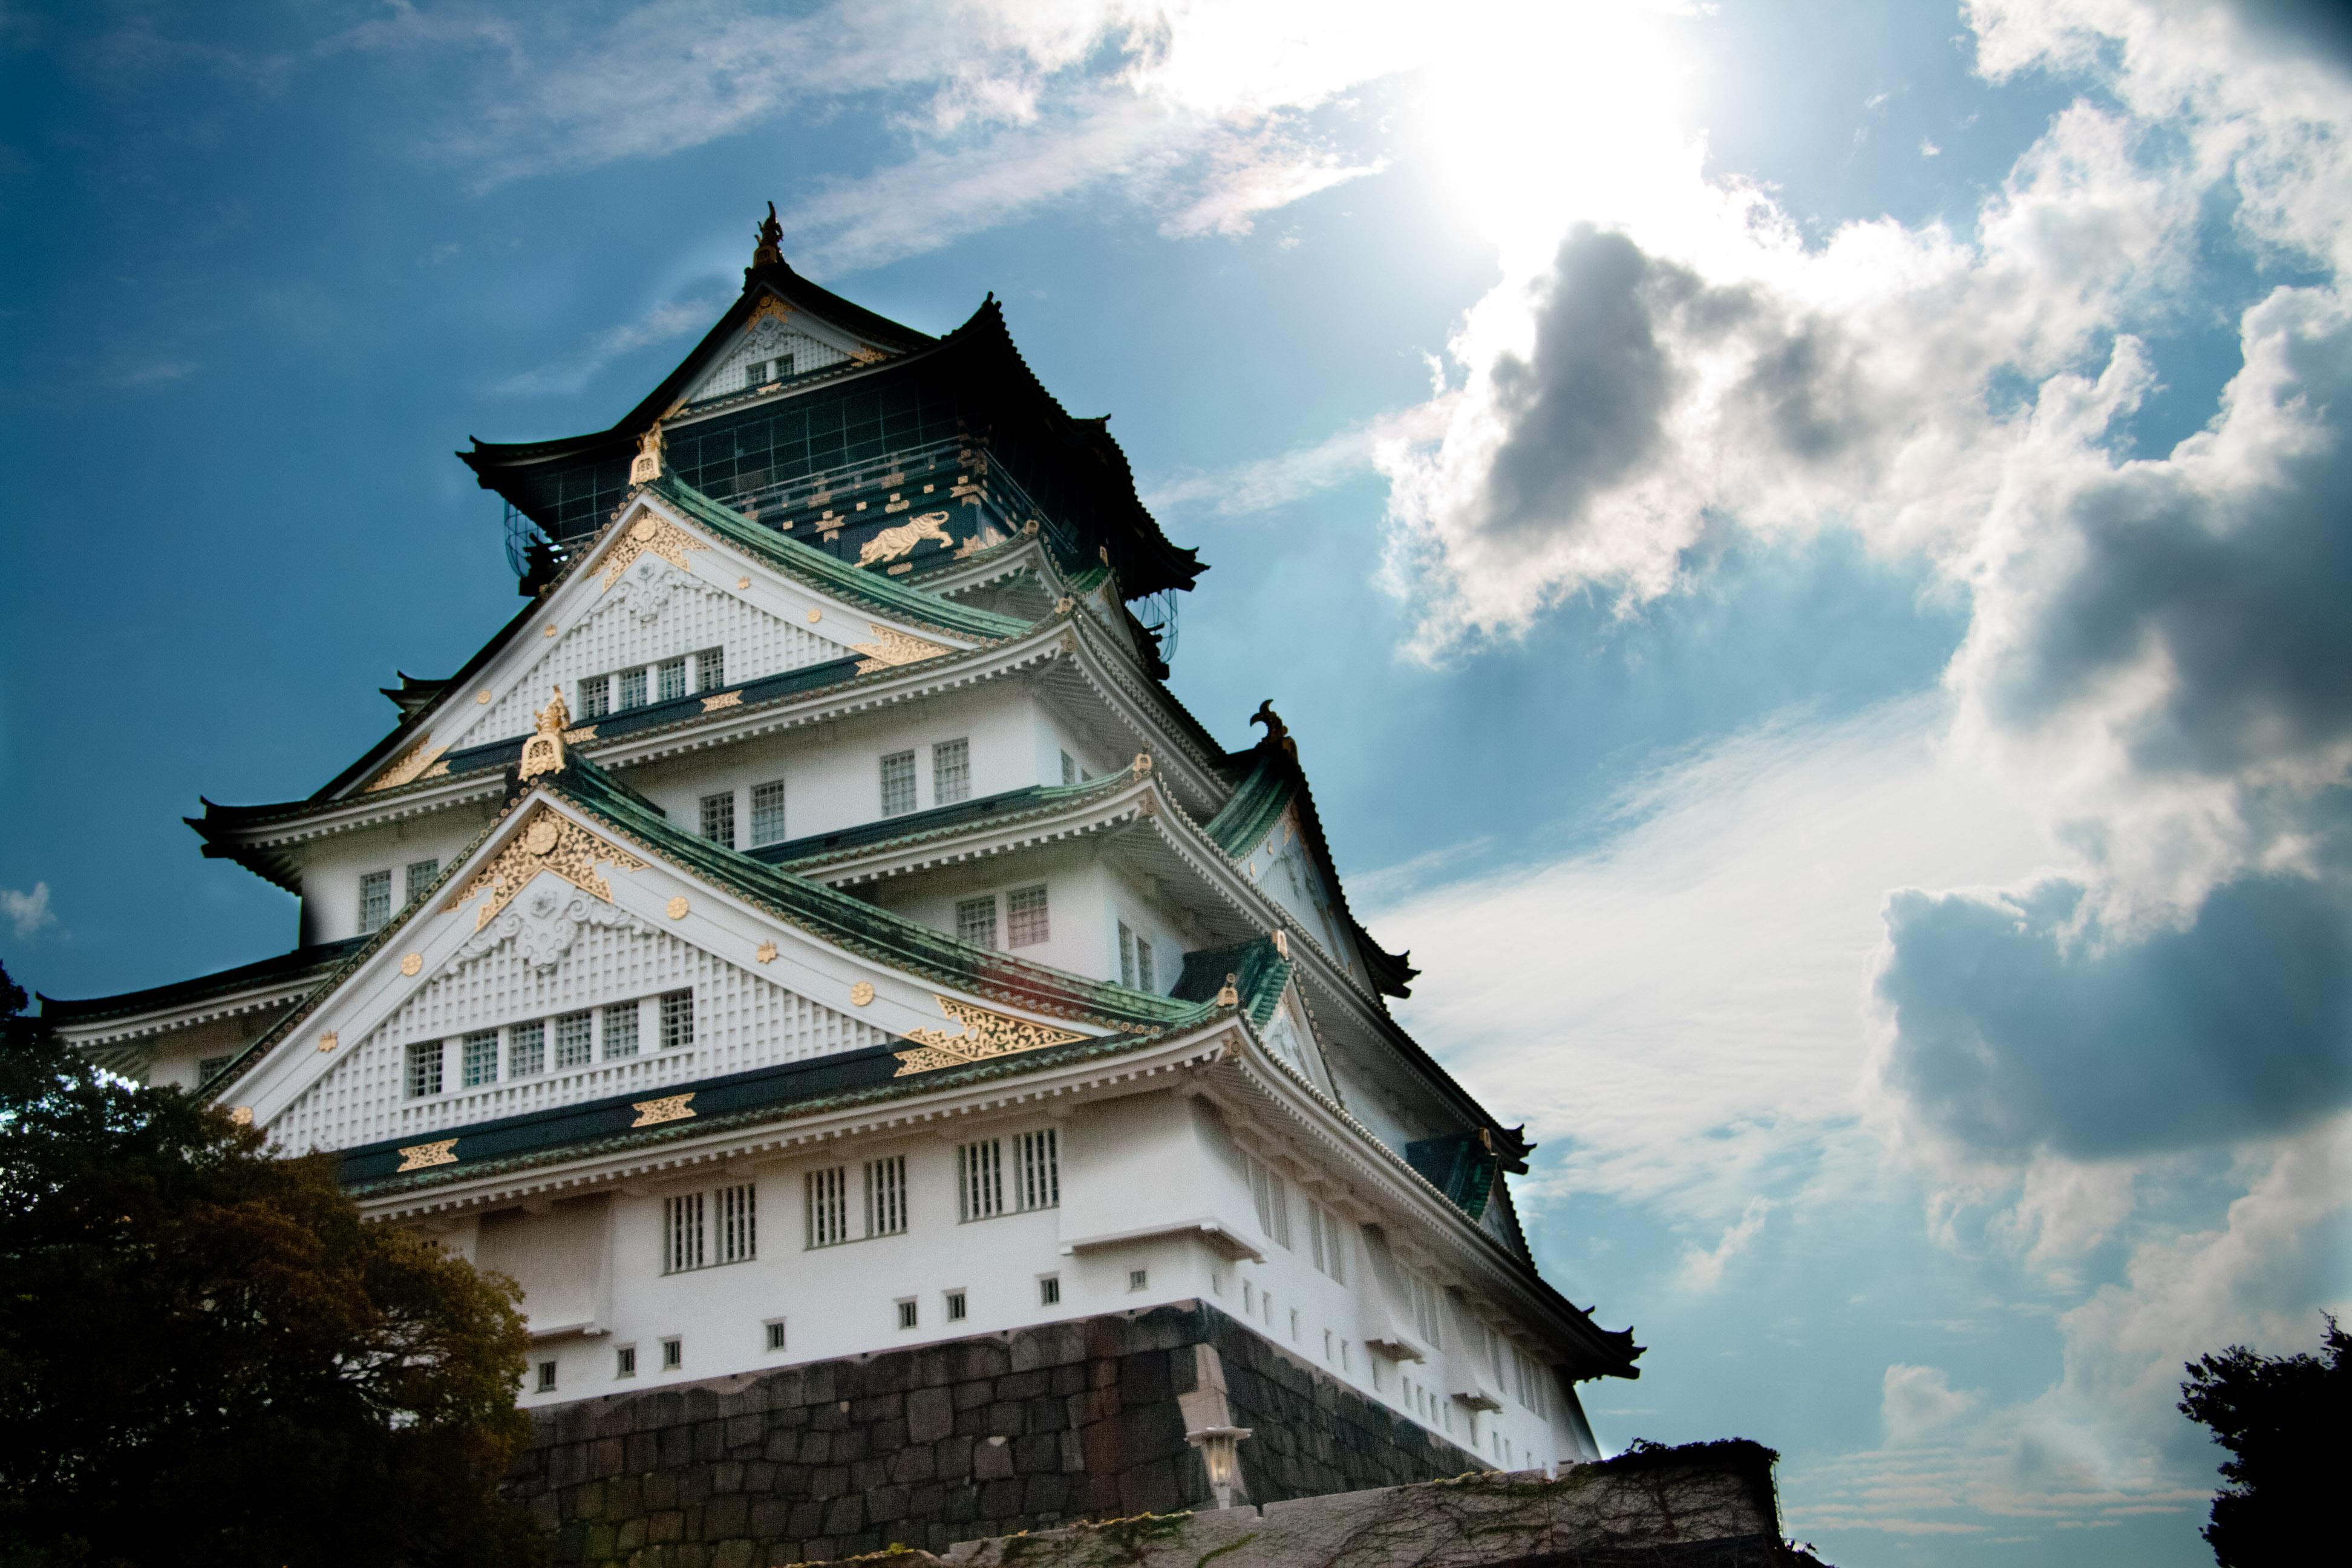 フリー写真素材 建築・建造物 宮殿・城 日本 大阪府 画像素材なら!無料・フリー写真素材のフリーフォト